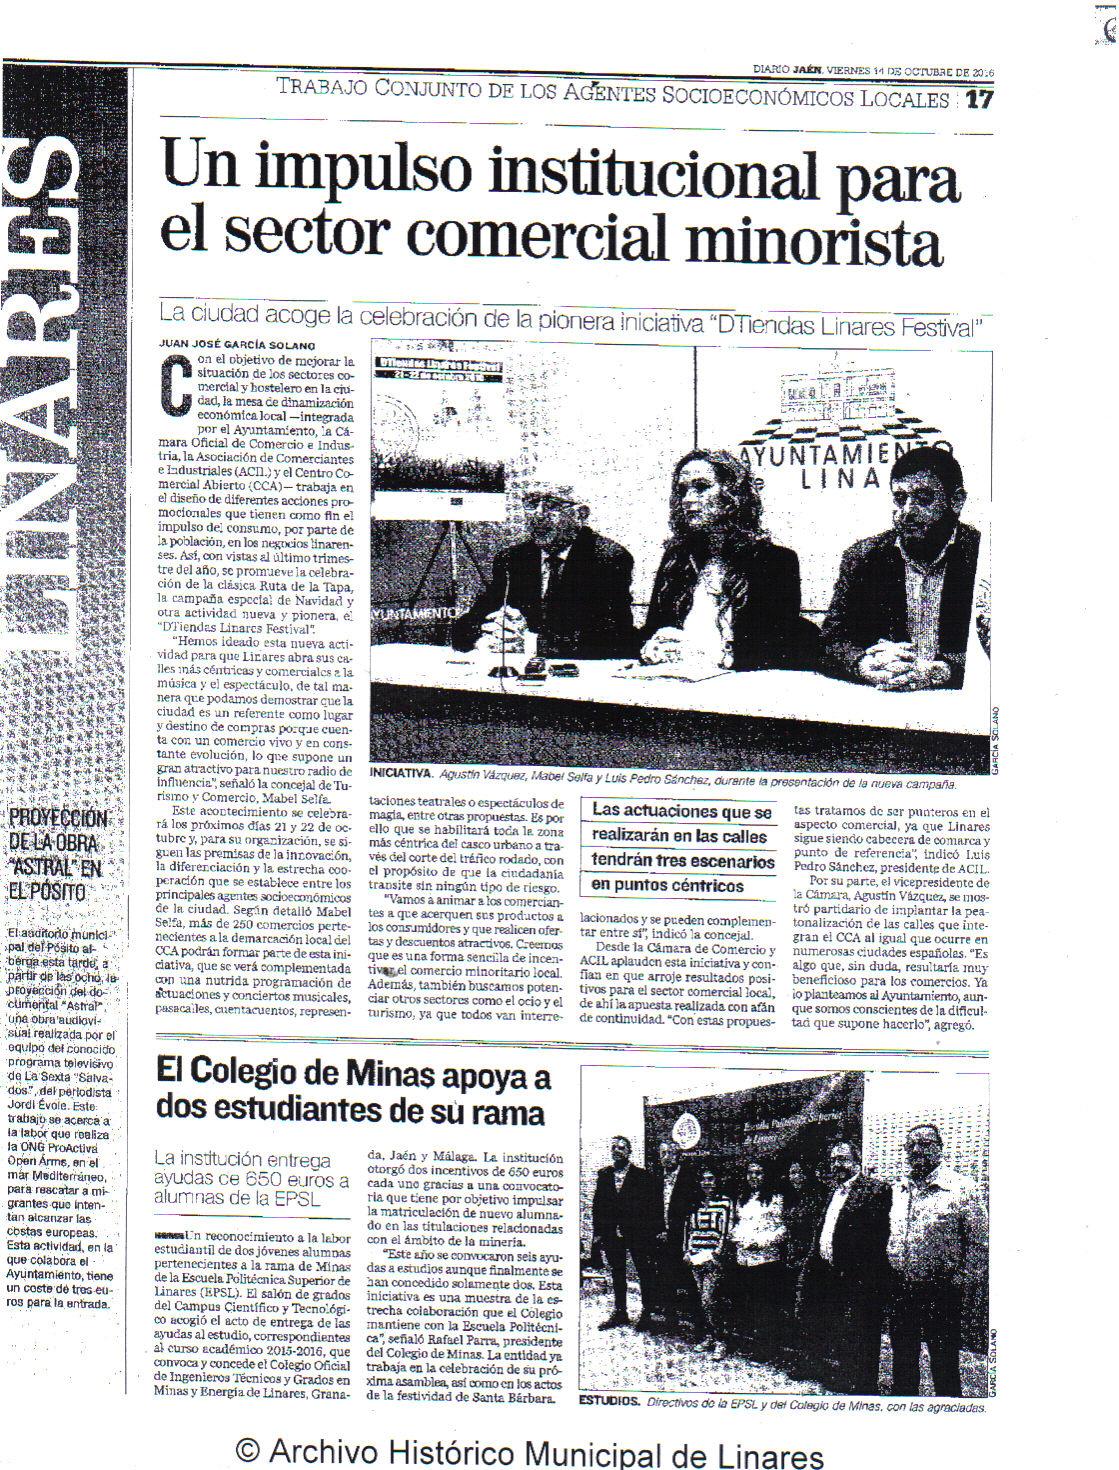 prensa-diario-jaen-14-de-octubre